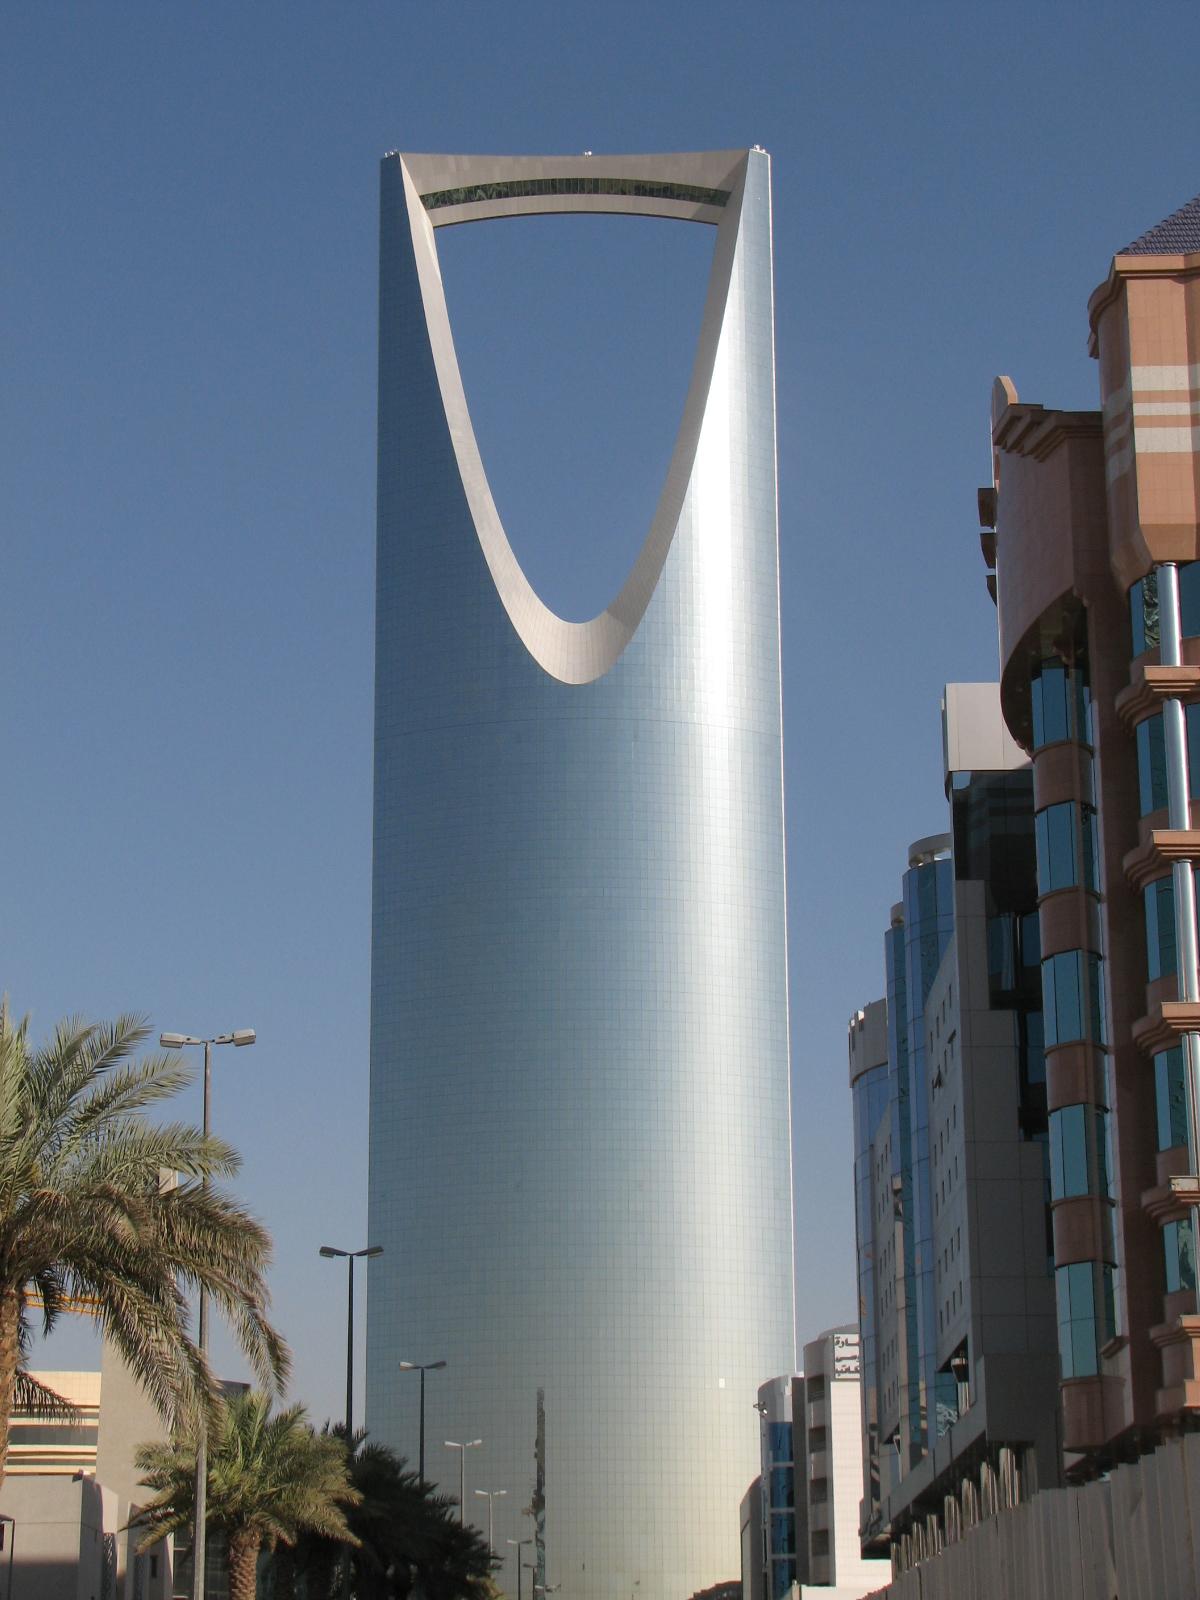 Stephen sherman media travel and tech observations june 2011 for Burj al mamlakah